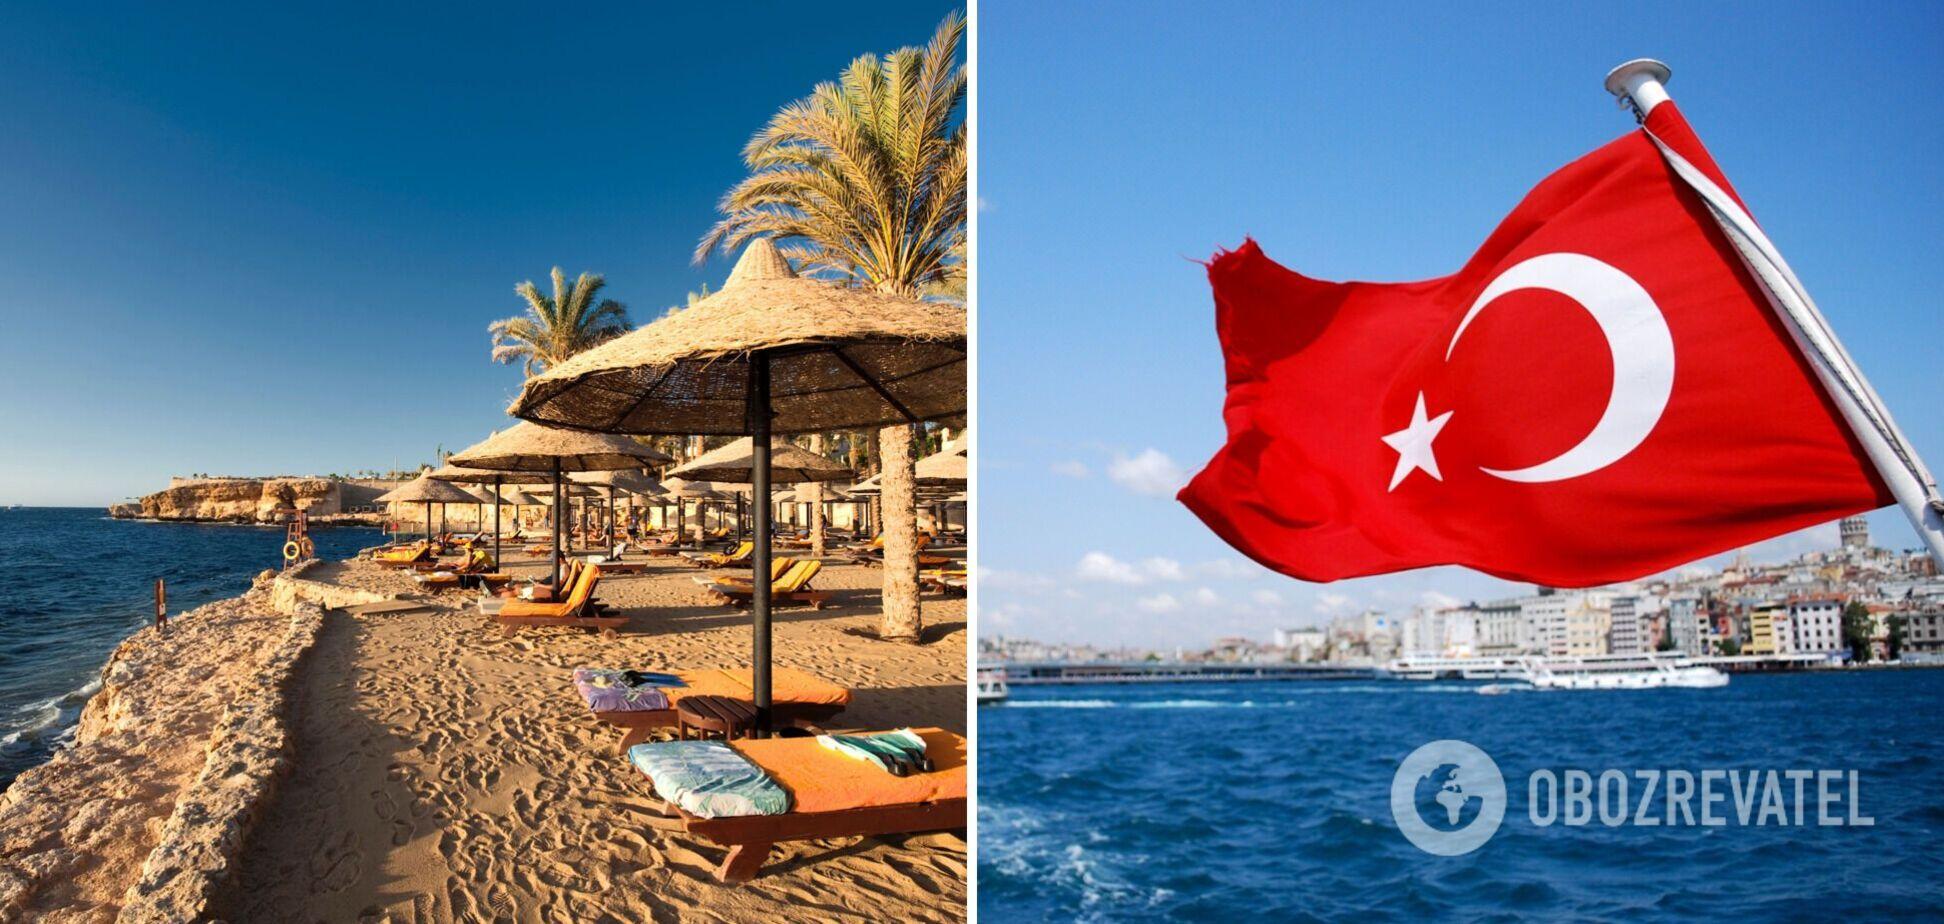 Турция или Египет: где лучше и выгоднее отдыхать осенью, сравнение условий и цен